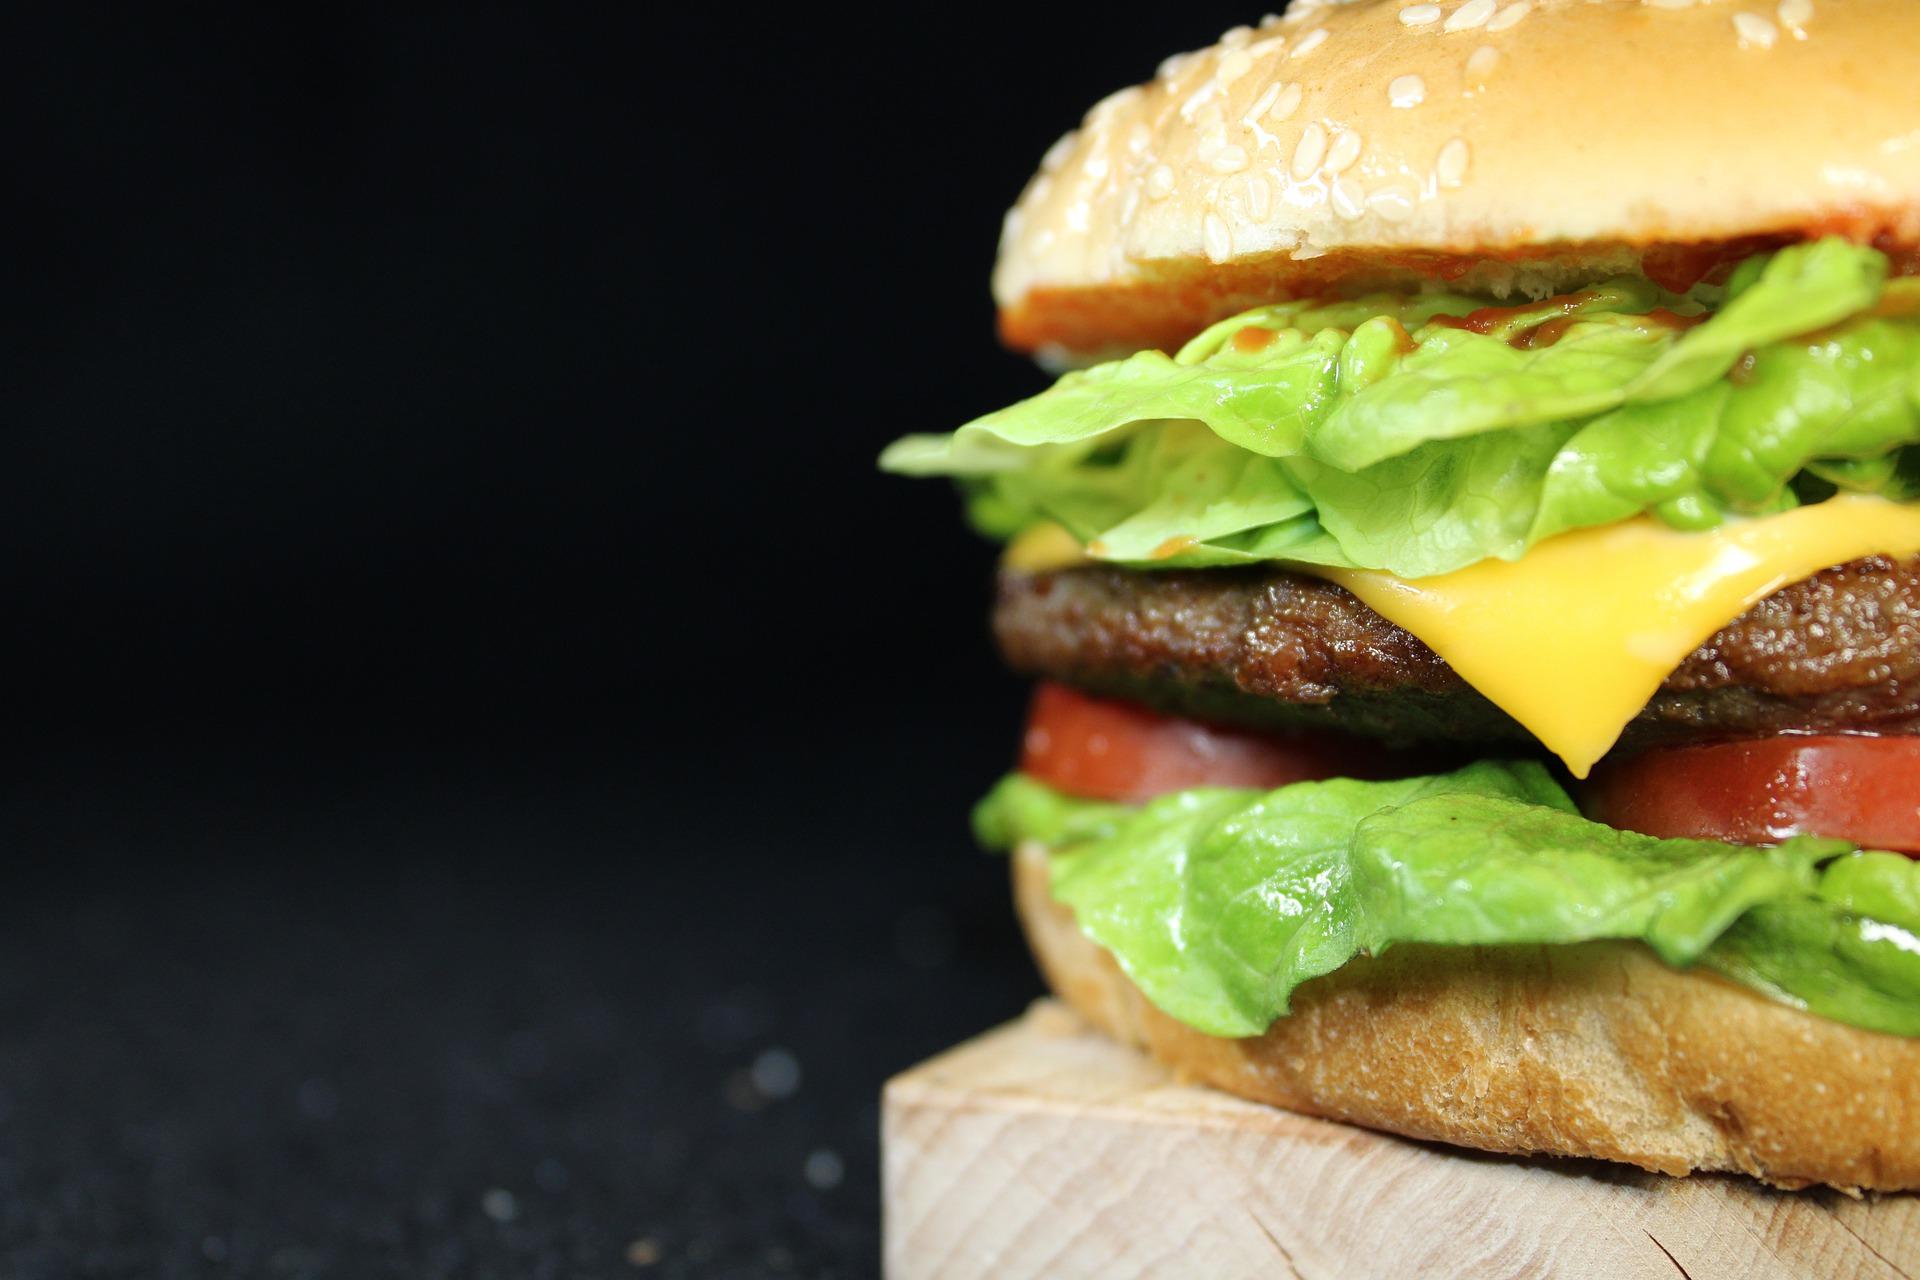 Vemos um hambúrguer com queijo, alface e tomate, em cima de uma tábua de madeira em um fundo preto (imagem ilustrativa). Texto: franquia do mcdonald's.